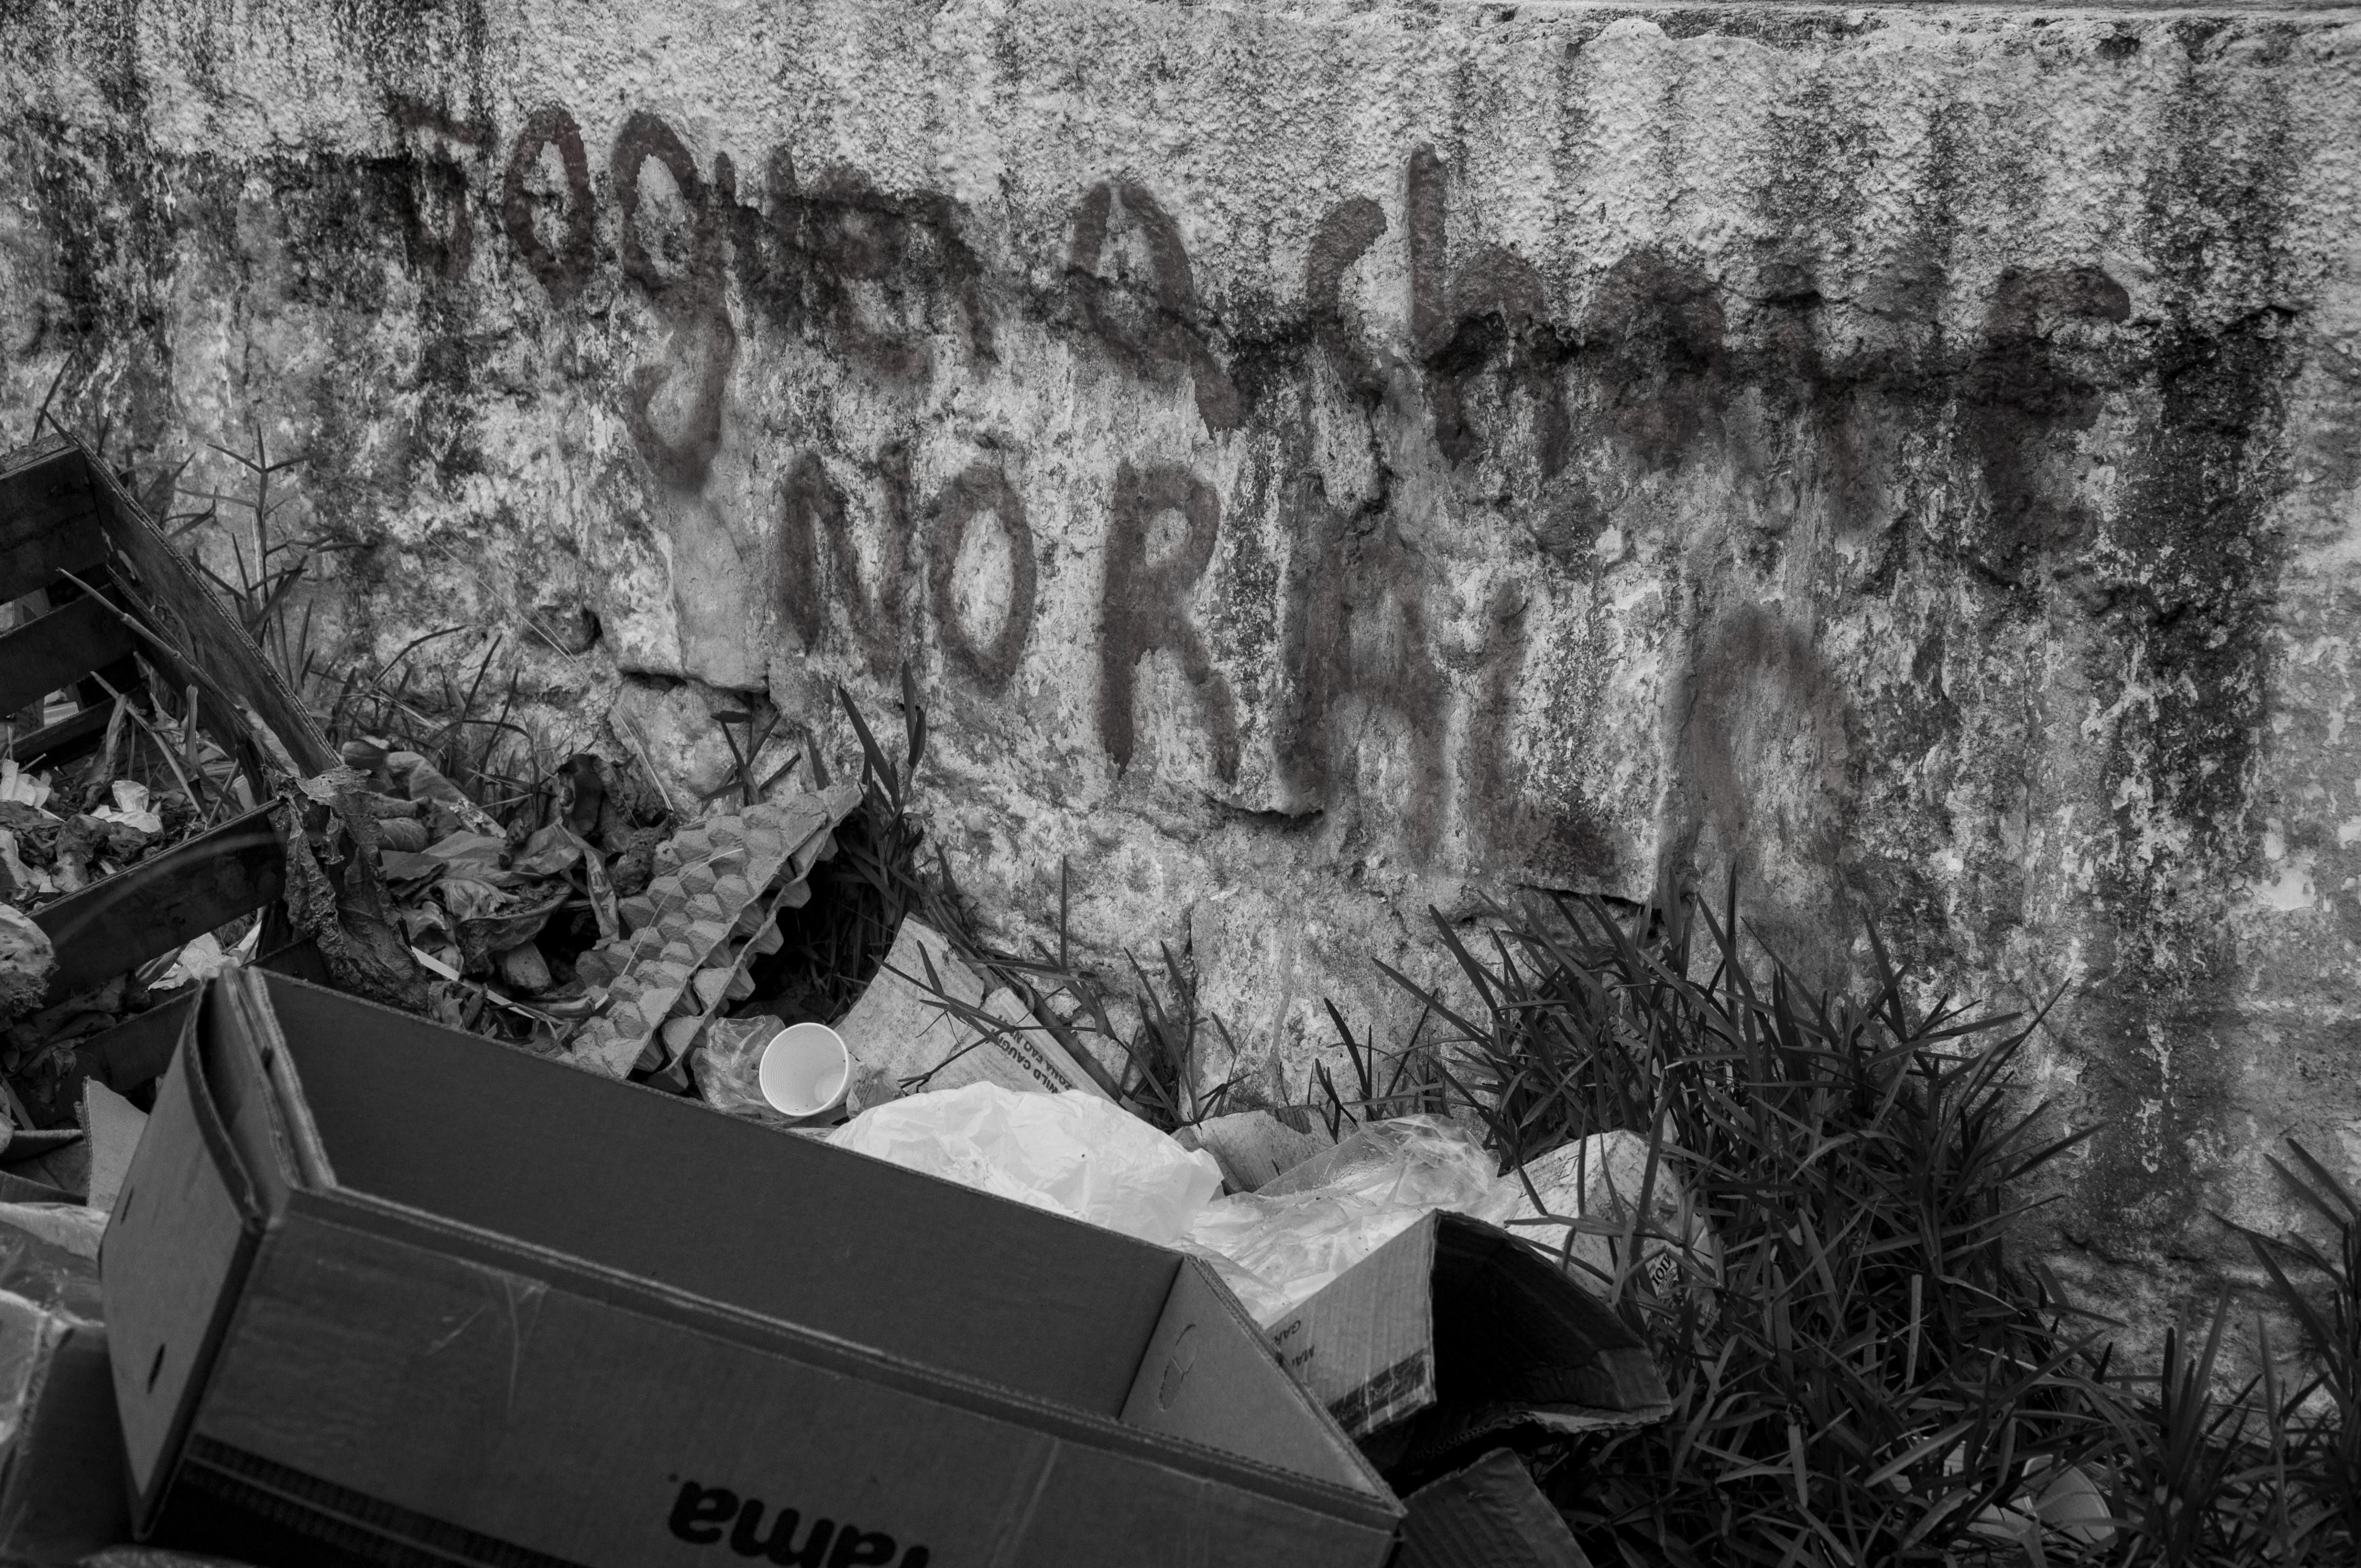 muro-1480_LuMenaBarreto.jpg